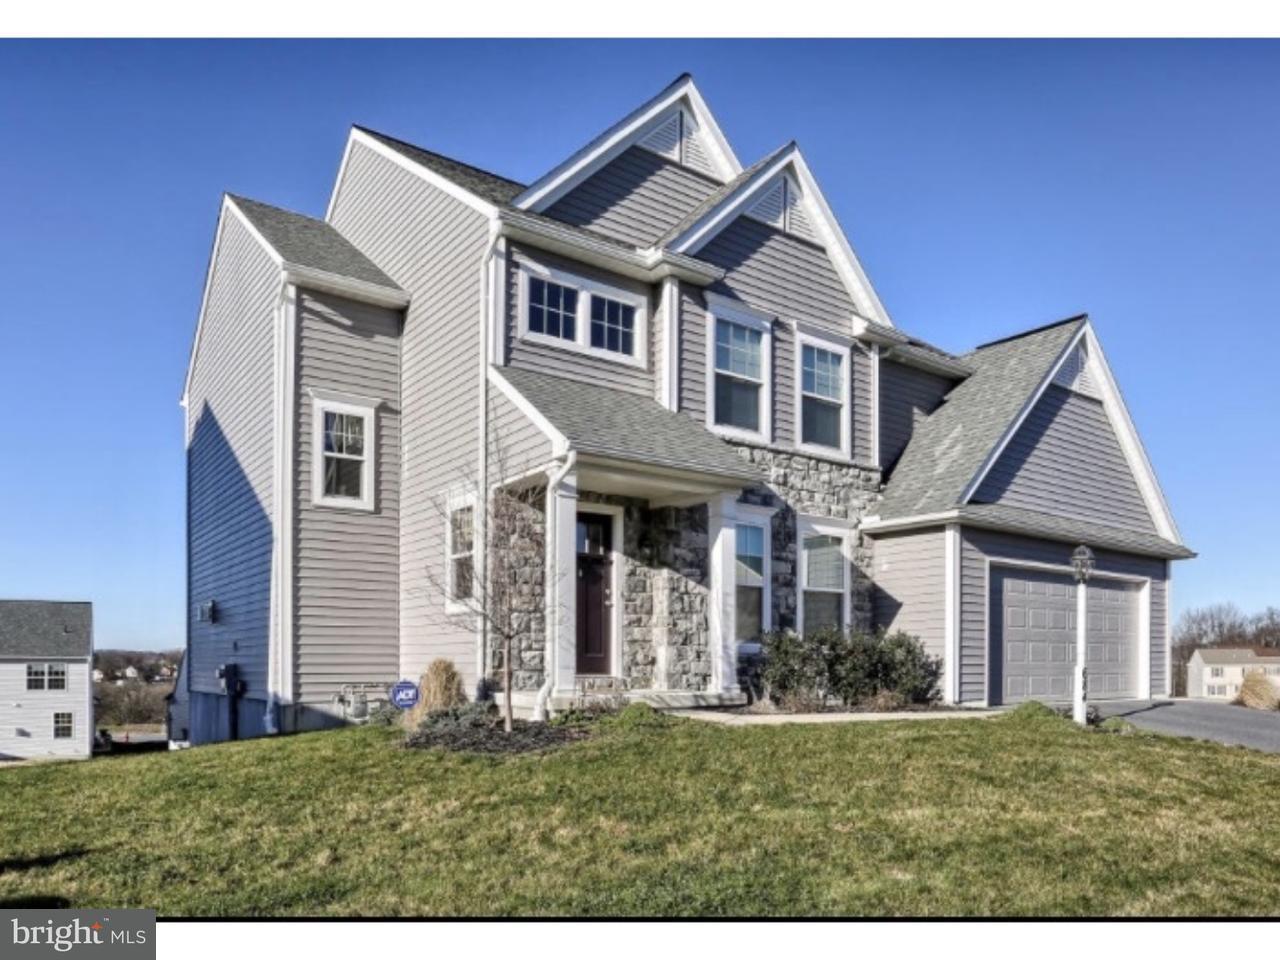 Maison unifamiliale pour l Vente à 684 HAMAKER Road Manheim, Pennsylvanie 17545 États-Unis